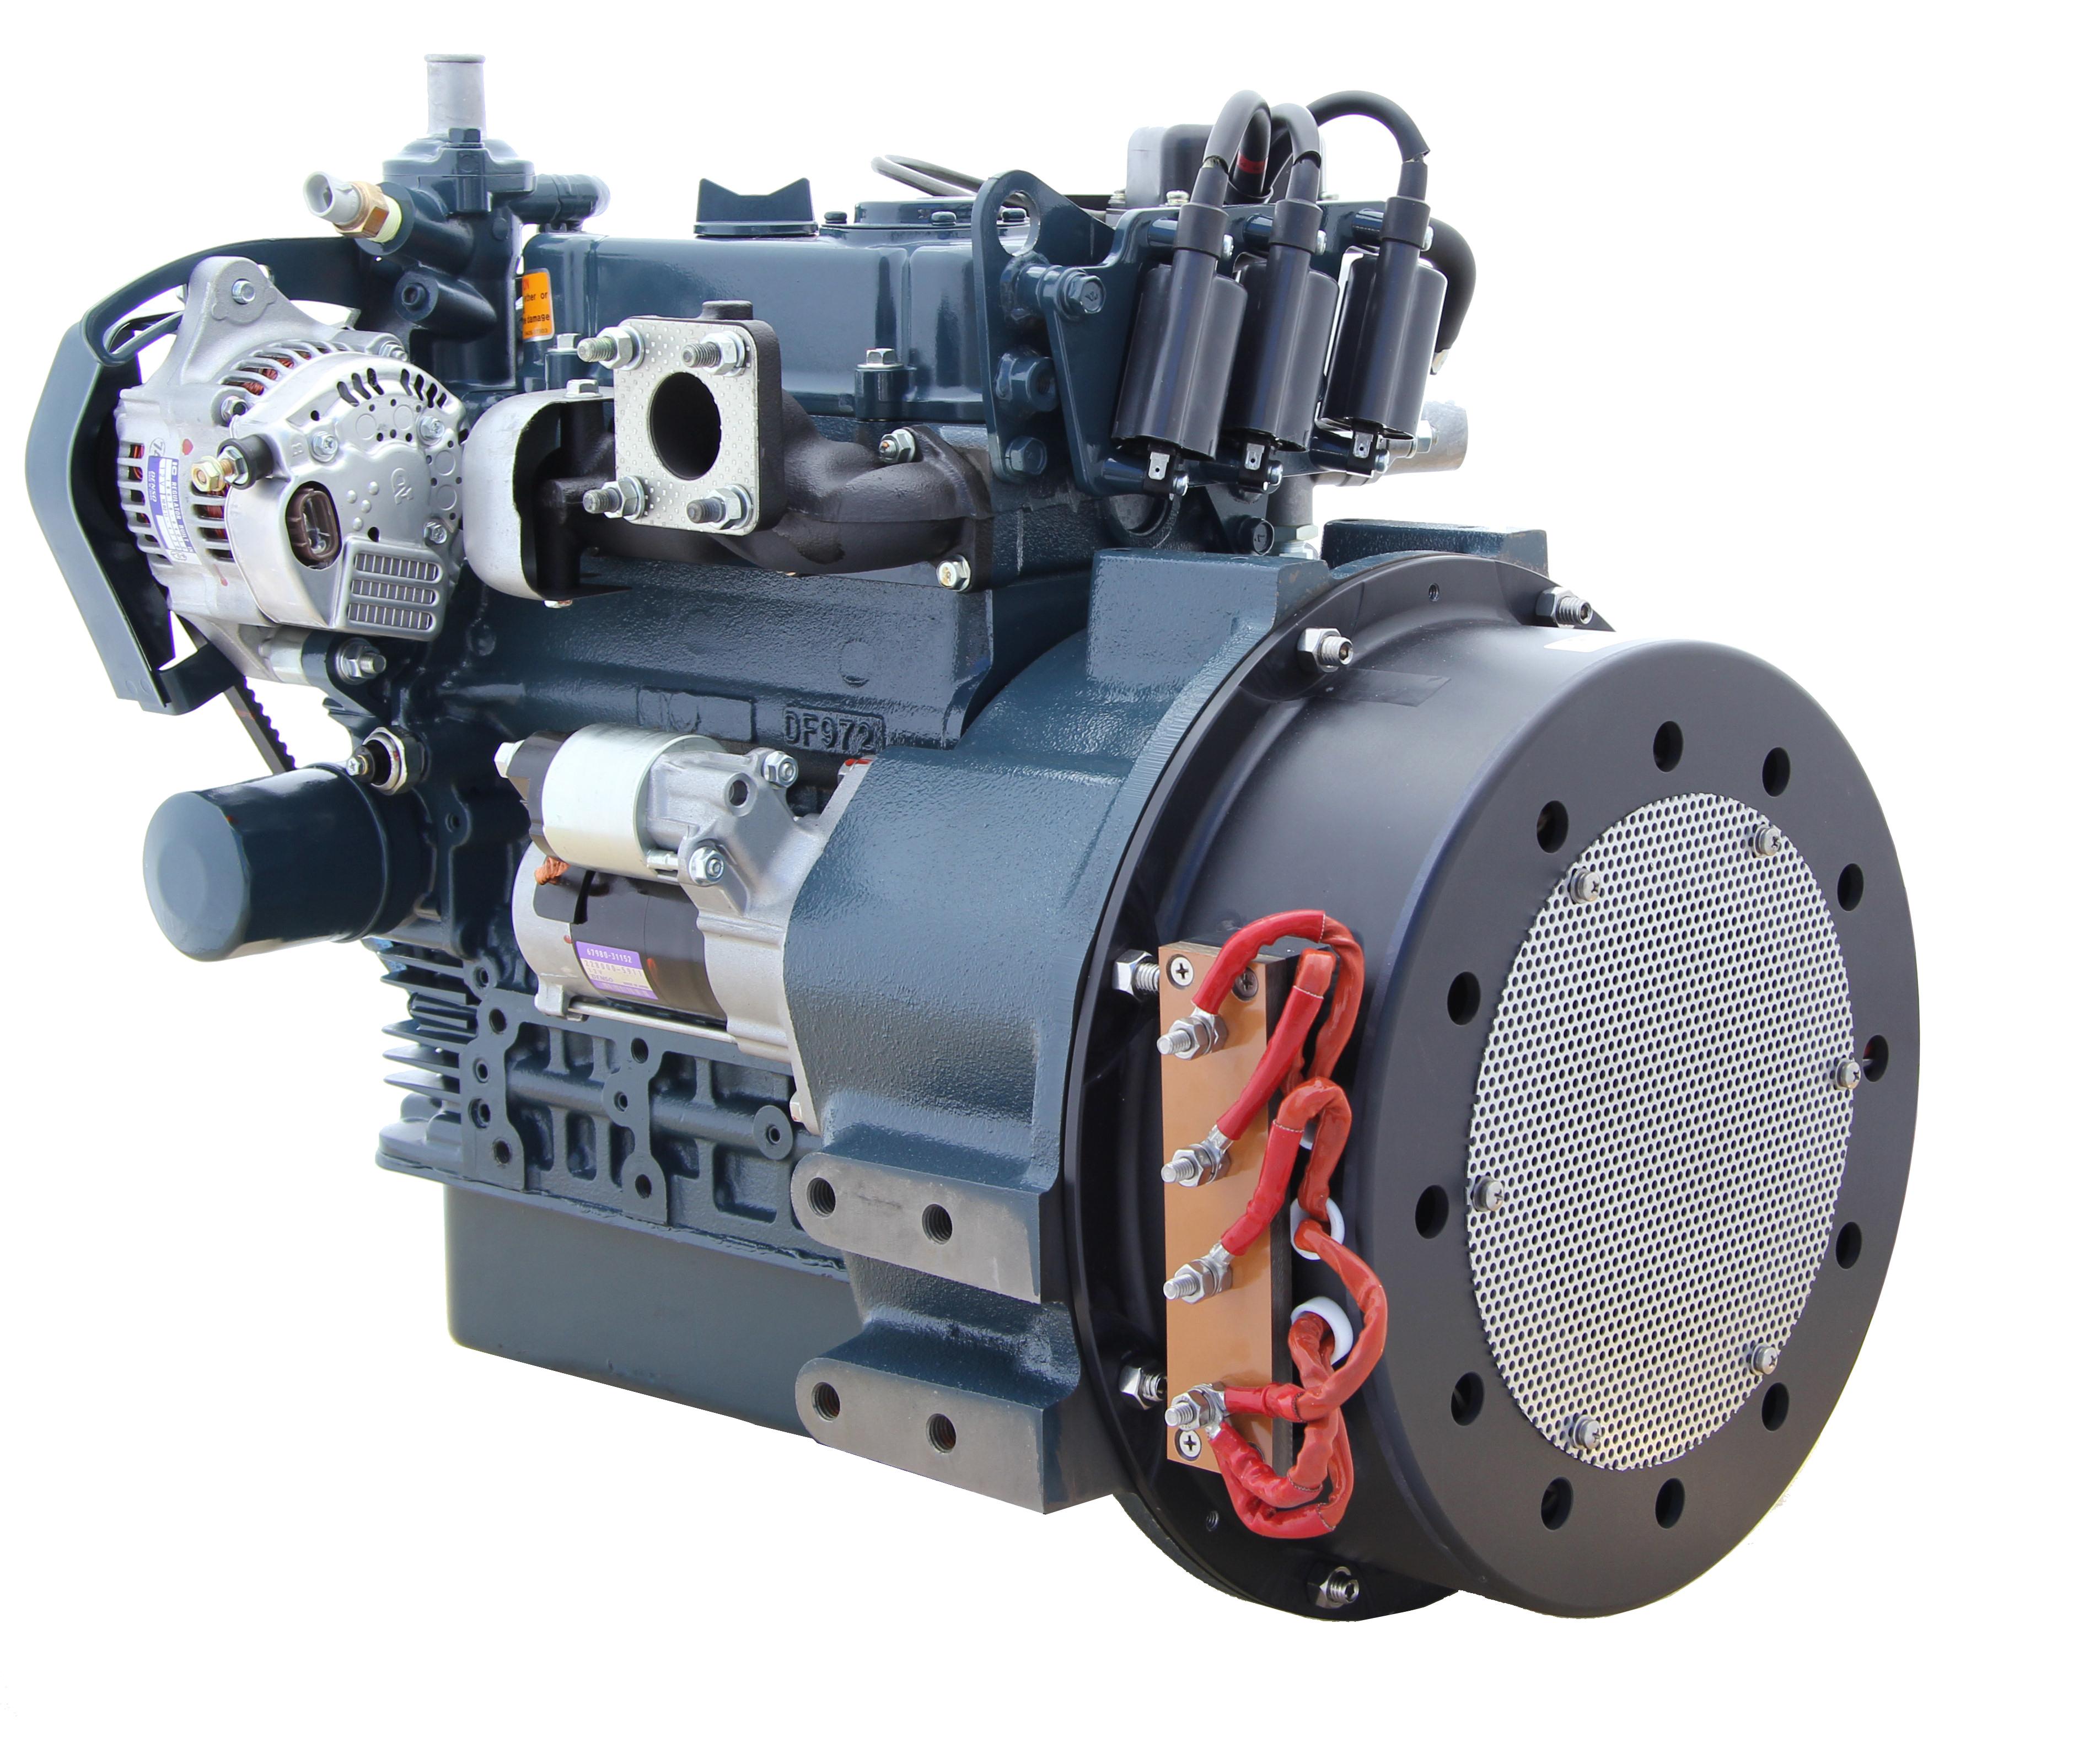 6-15 kW NG/LPG